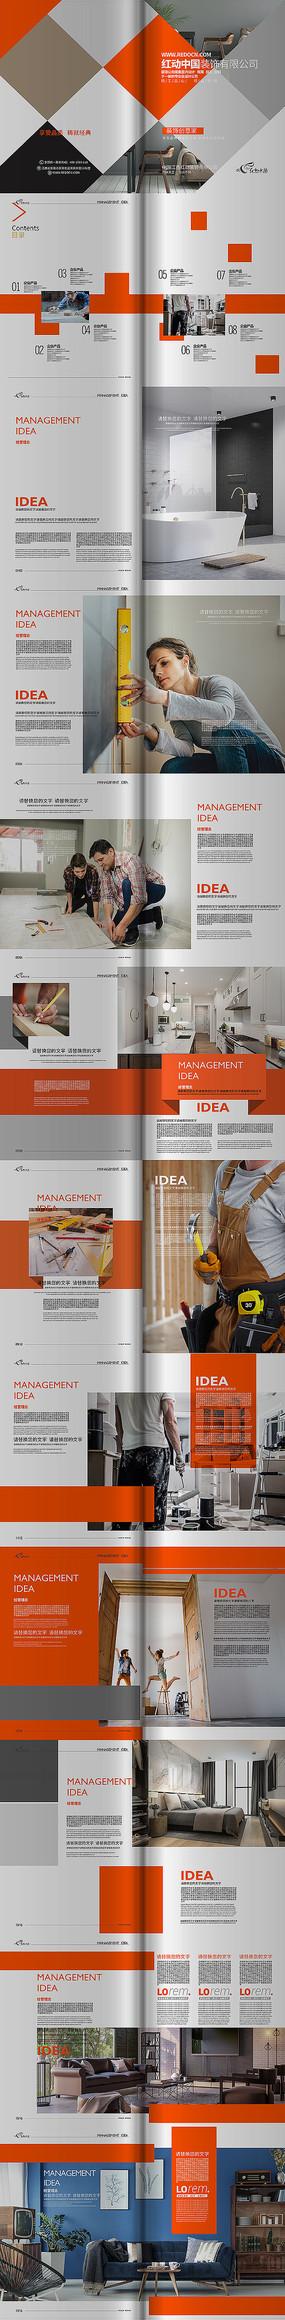 时尚装饰公司画册模版设计